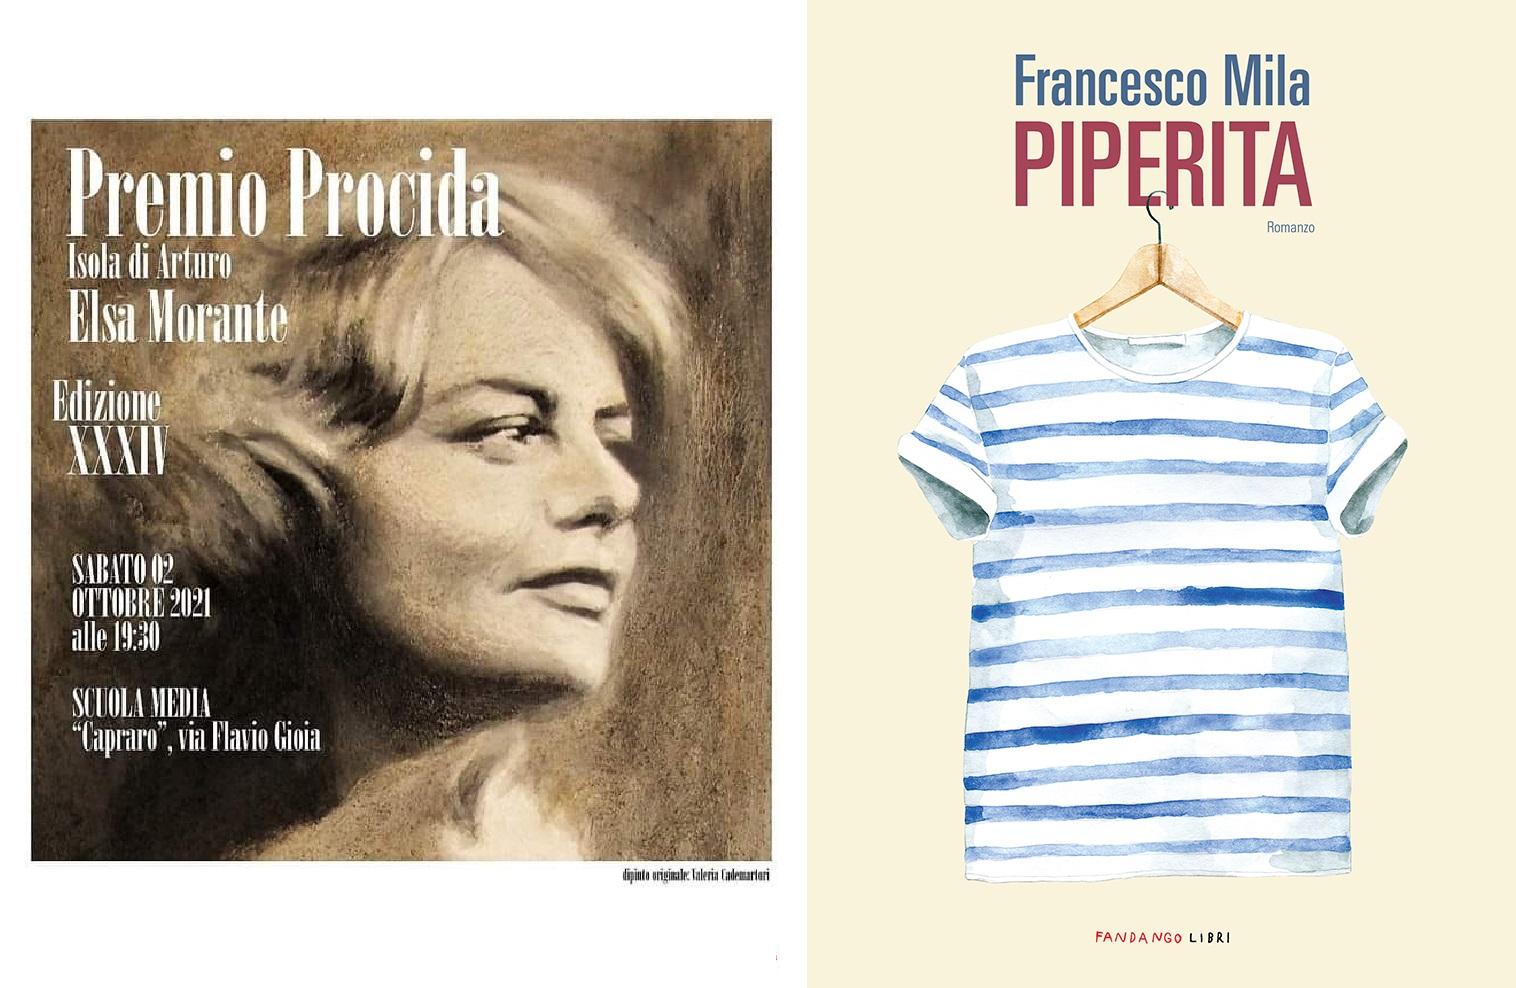 """Premio Procida-Isola di Arturo-Elsa Morante: vince Francesco Mila con """"Piperita"""""""